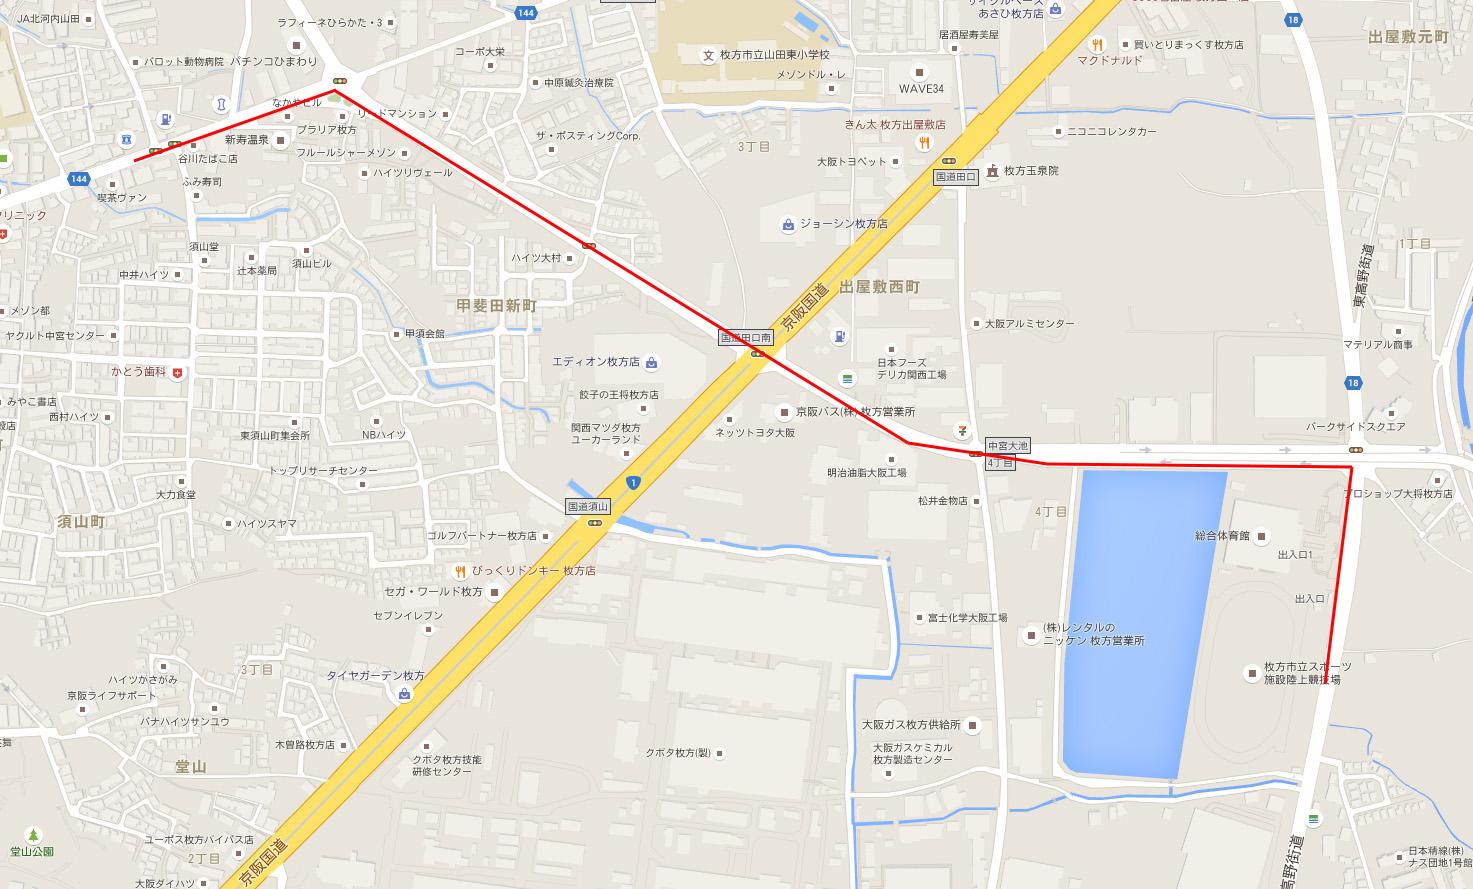 Map-suyama-kyougijou